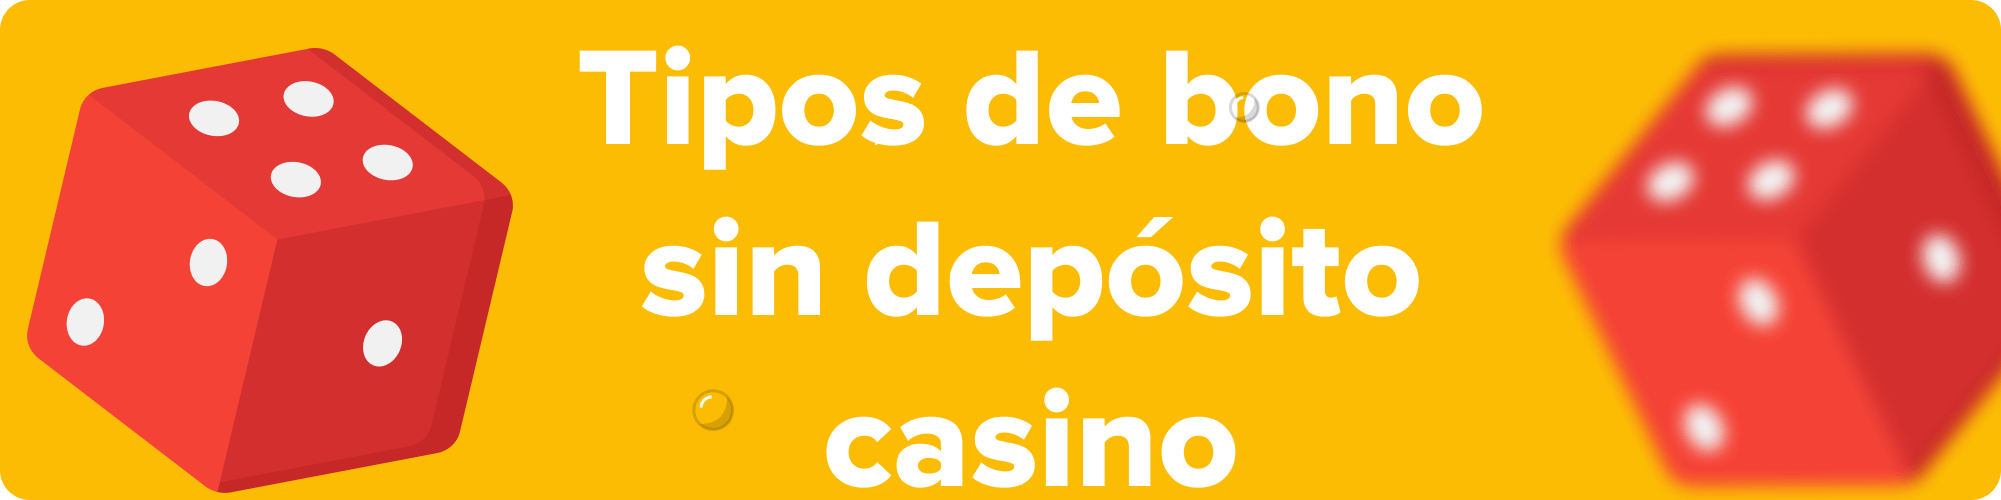 tipos de bonos sin deposito casino